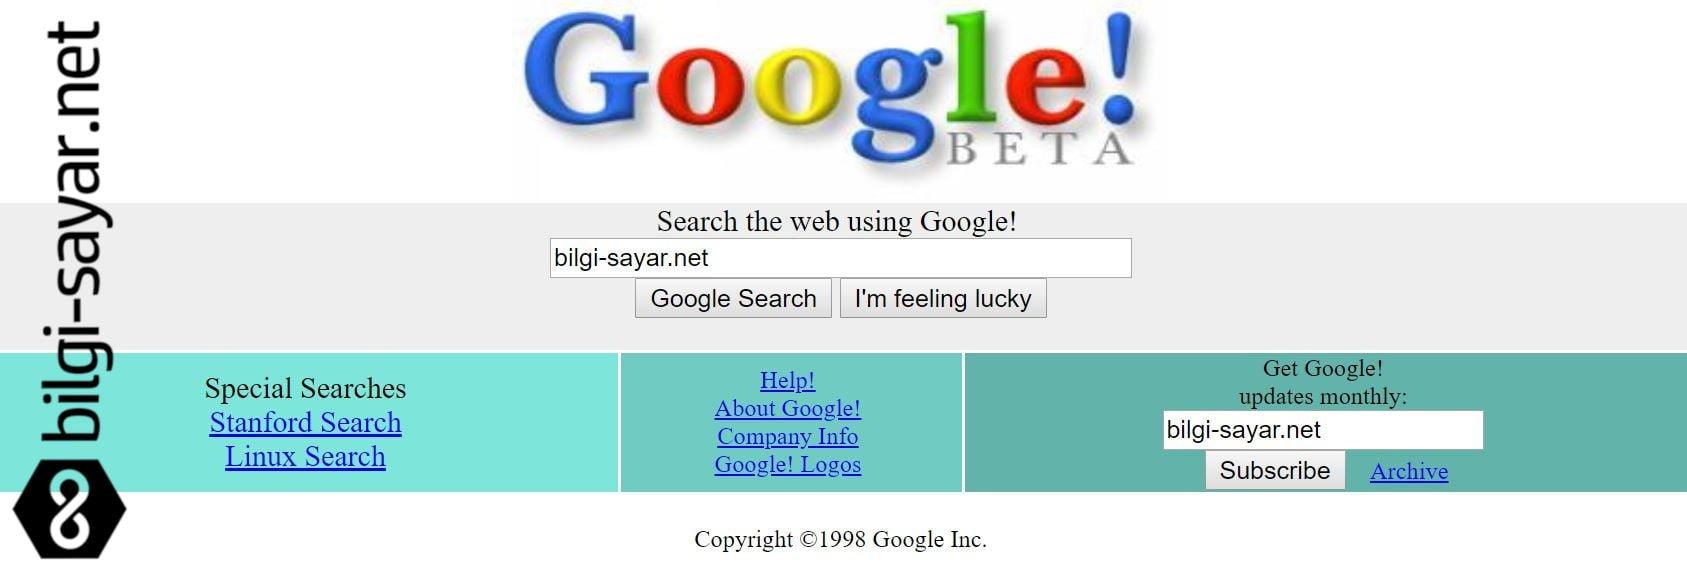 Google 1998 Yılında